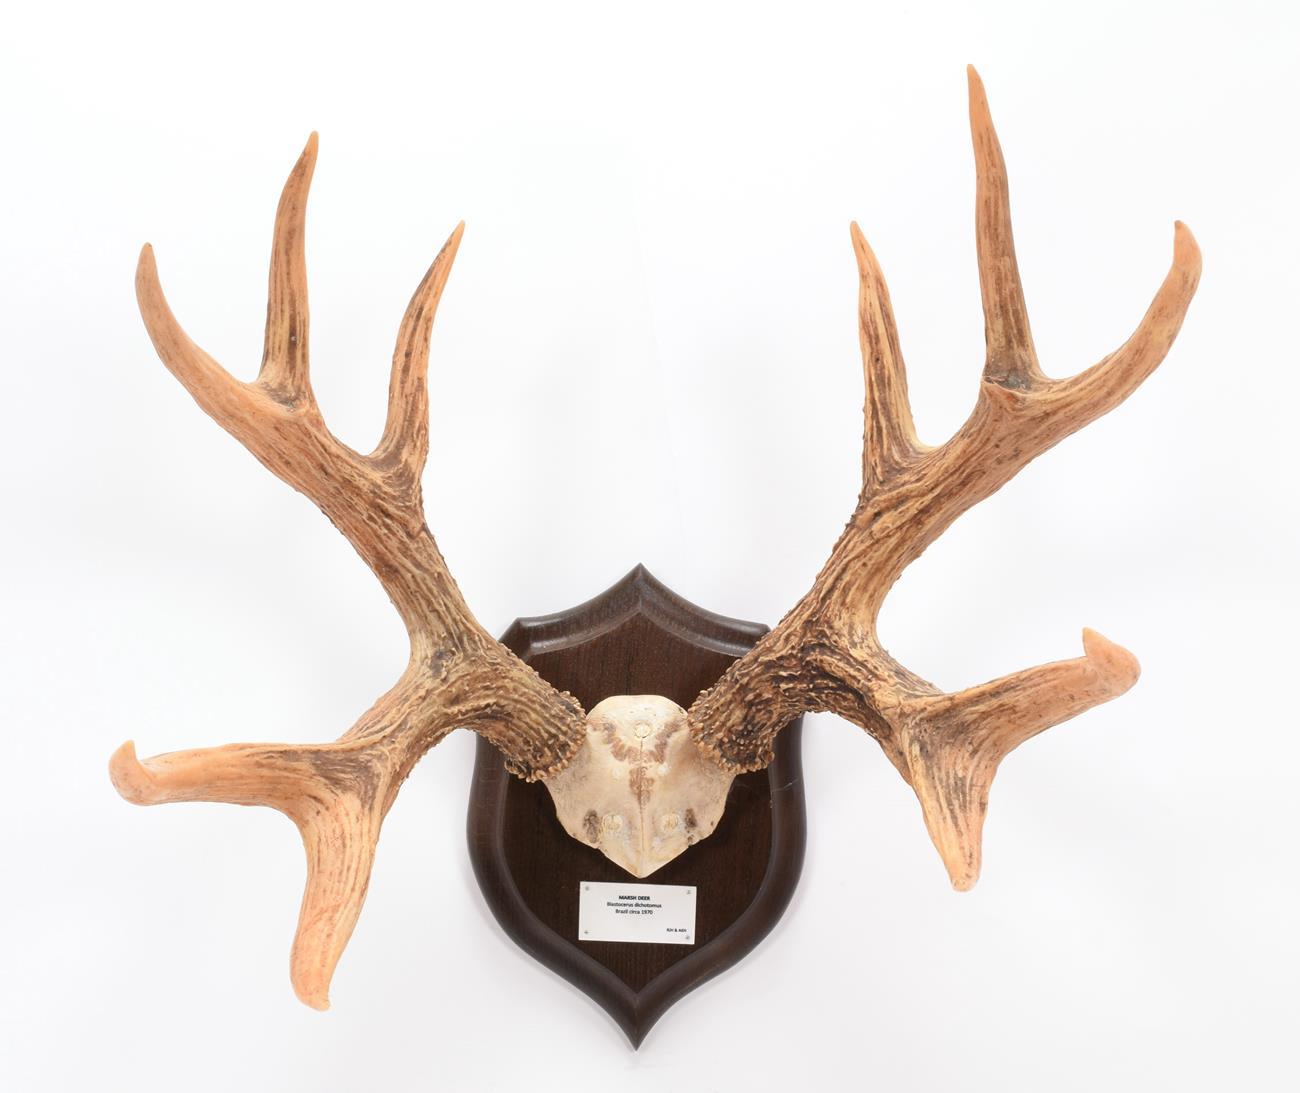 Antlers/Horns: Marsh Deer (Blastocerus dichotomus), dated 1970, Brazil, adult stag antlers on cut